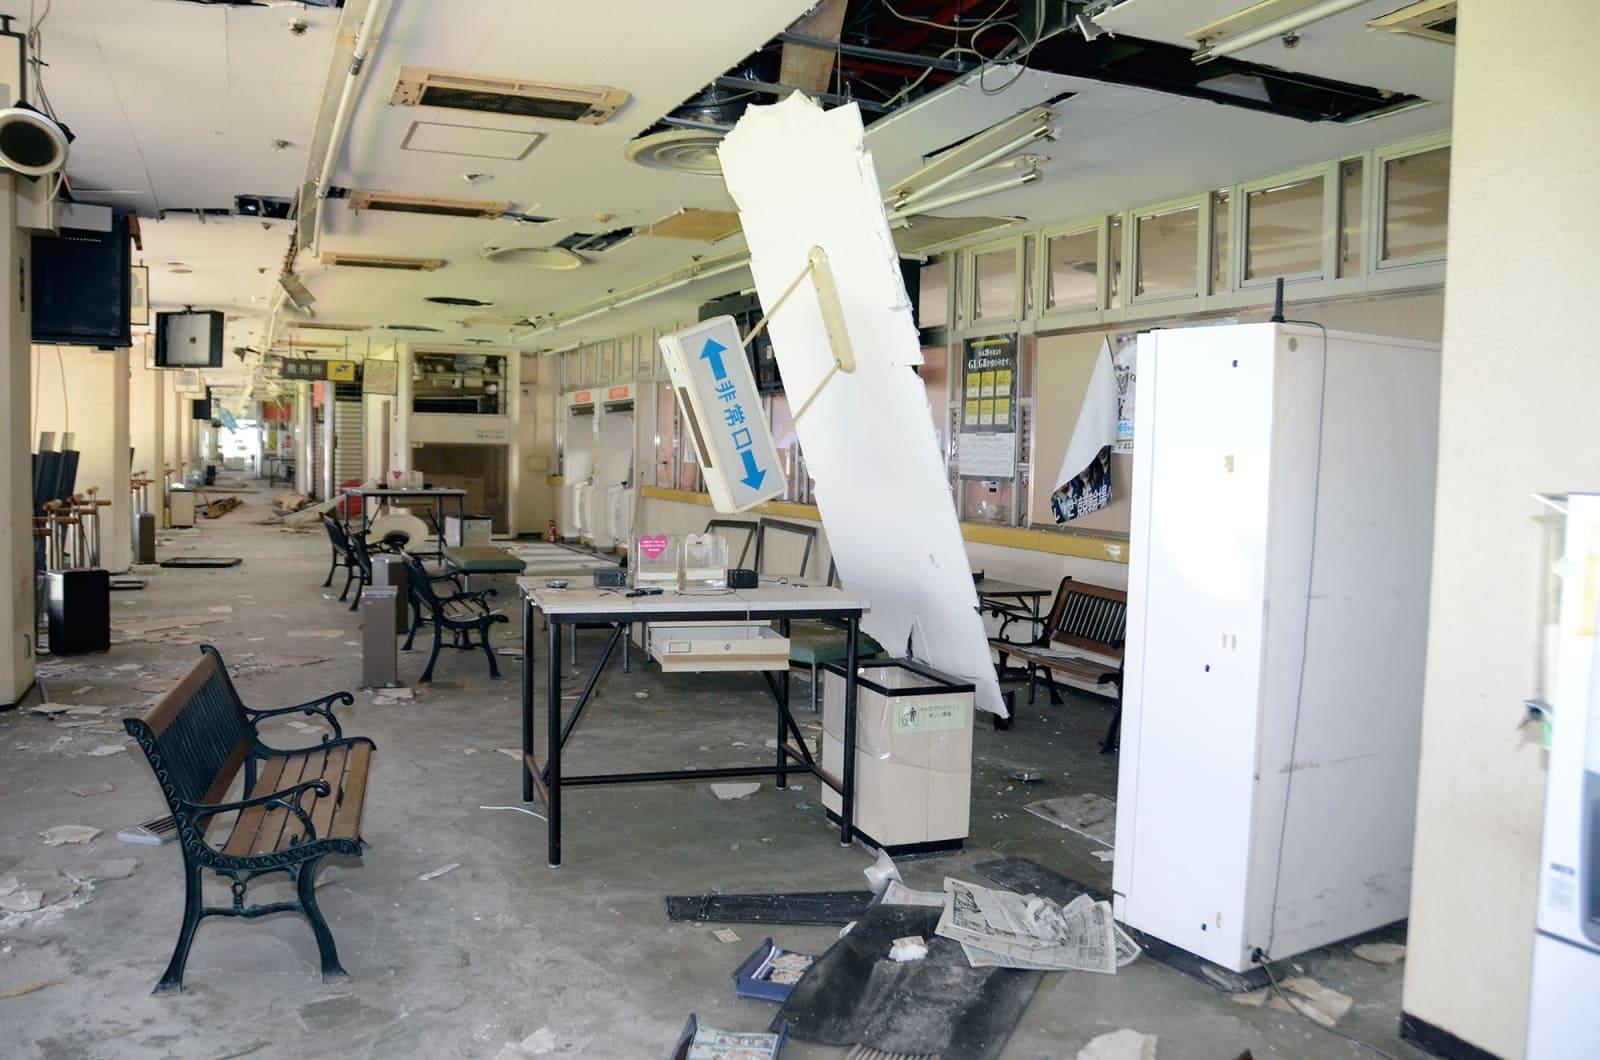 熊本地震でガラスが割れ、天井が崩れるなどの被害が出た熊本競輪場のバックスタンド